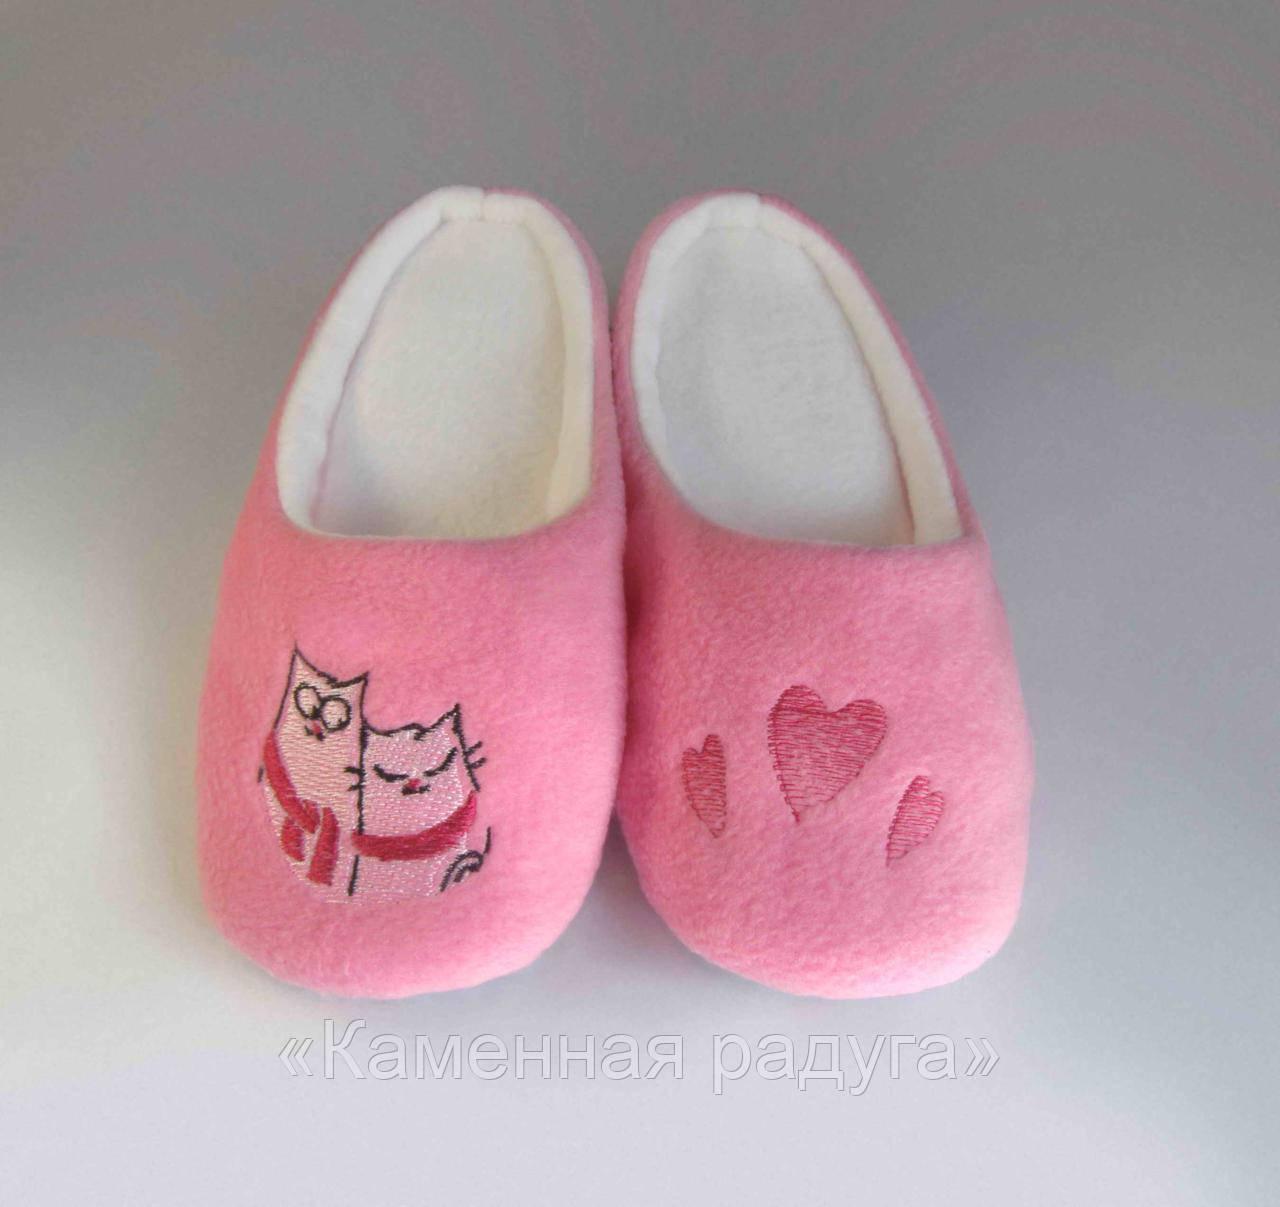 """Тапочки-шлёпки с вышивкой """"Влюблённые коты"""" (розовые)"""